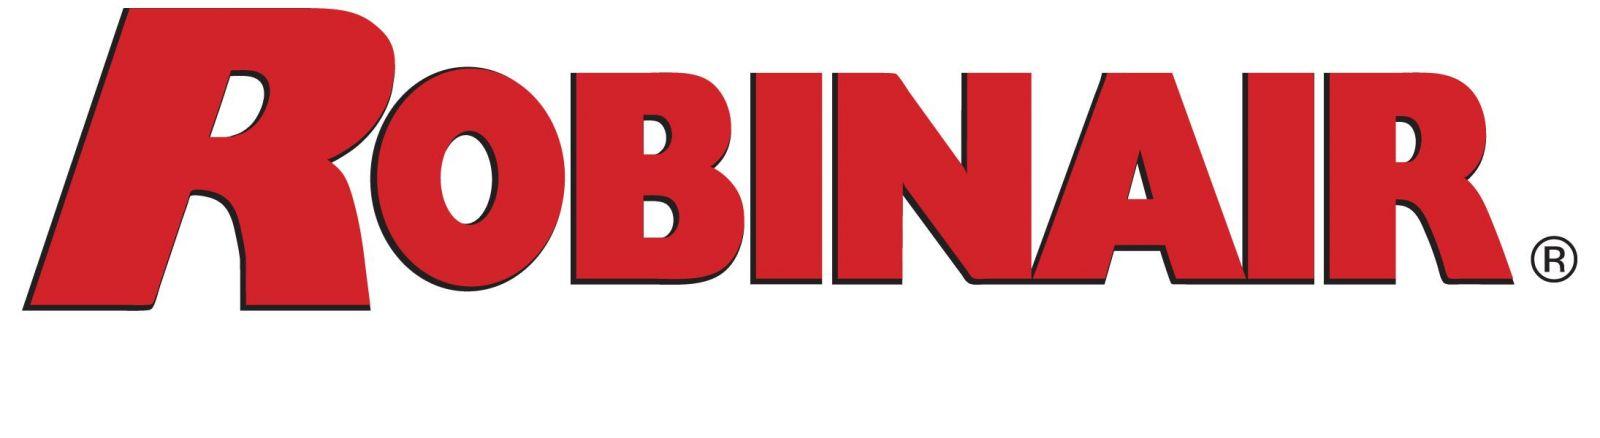 Robinair-Logo-2